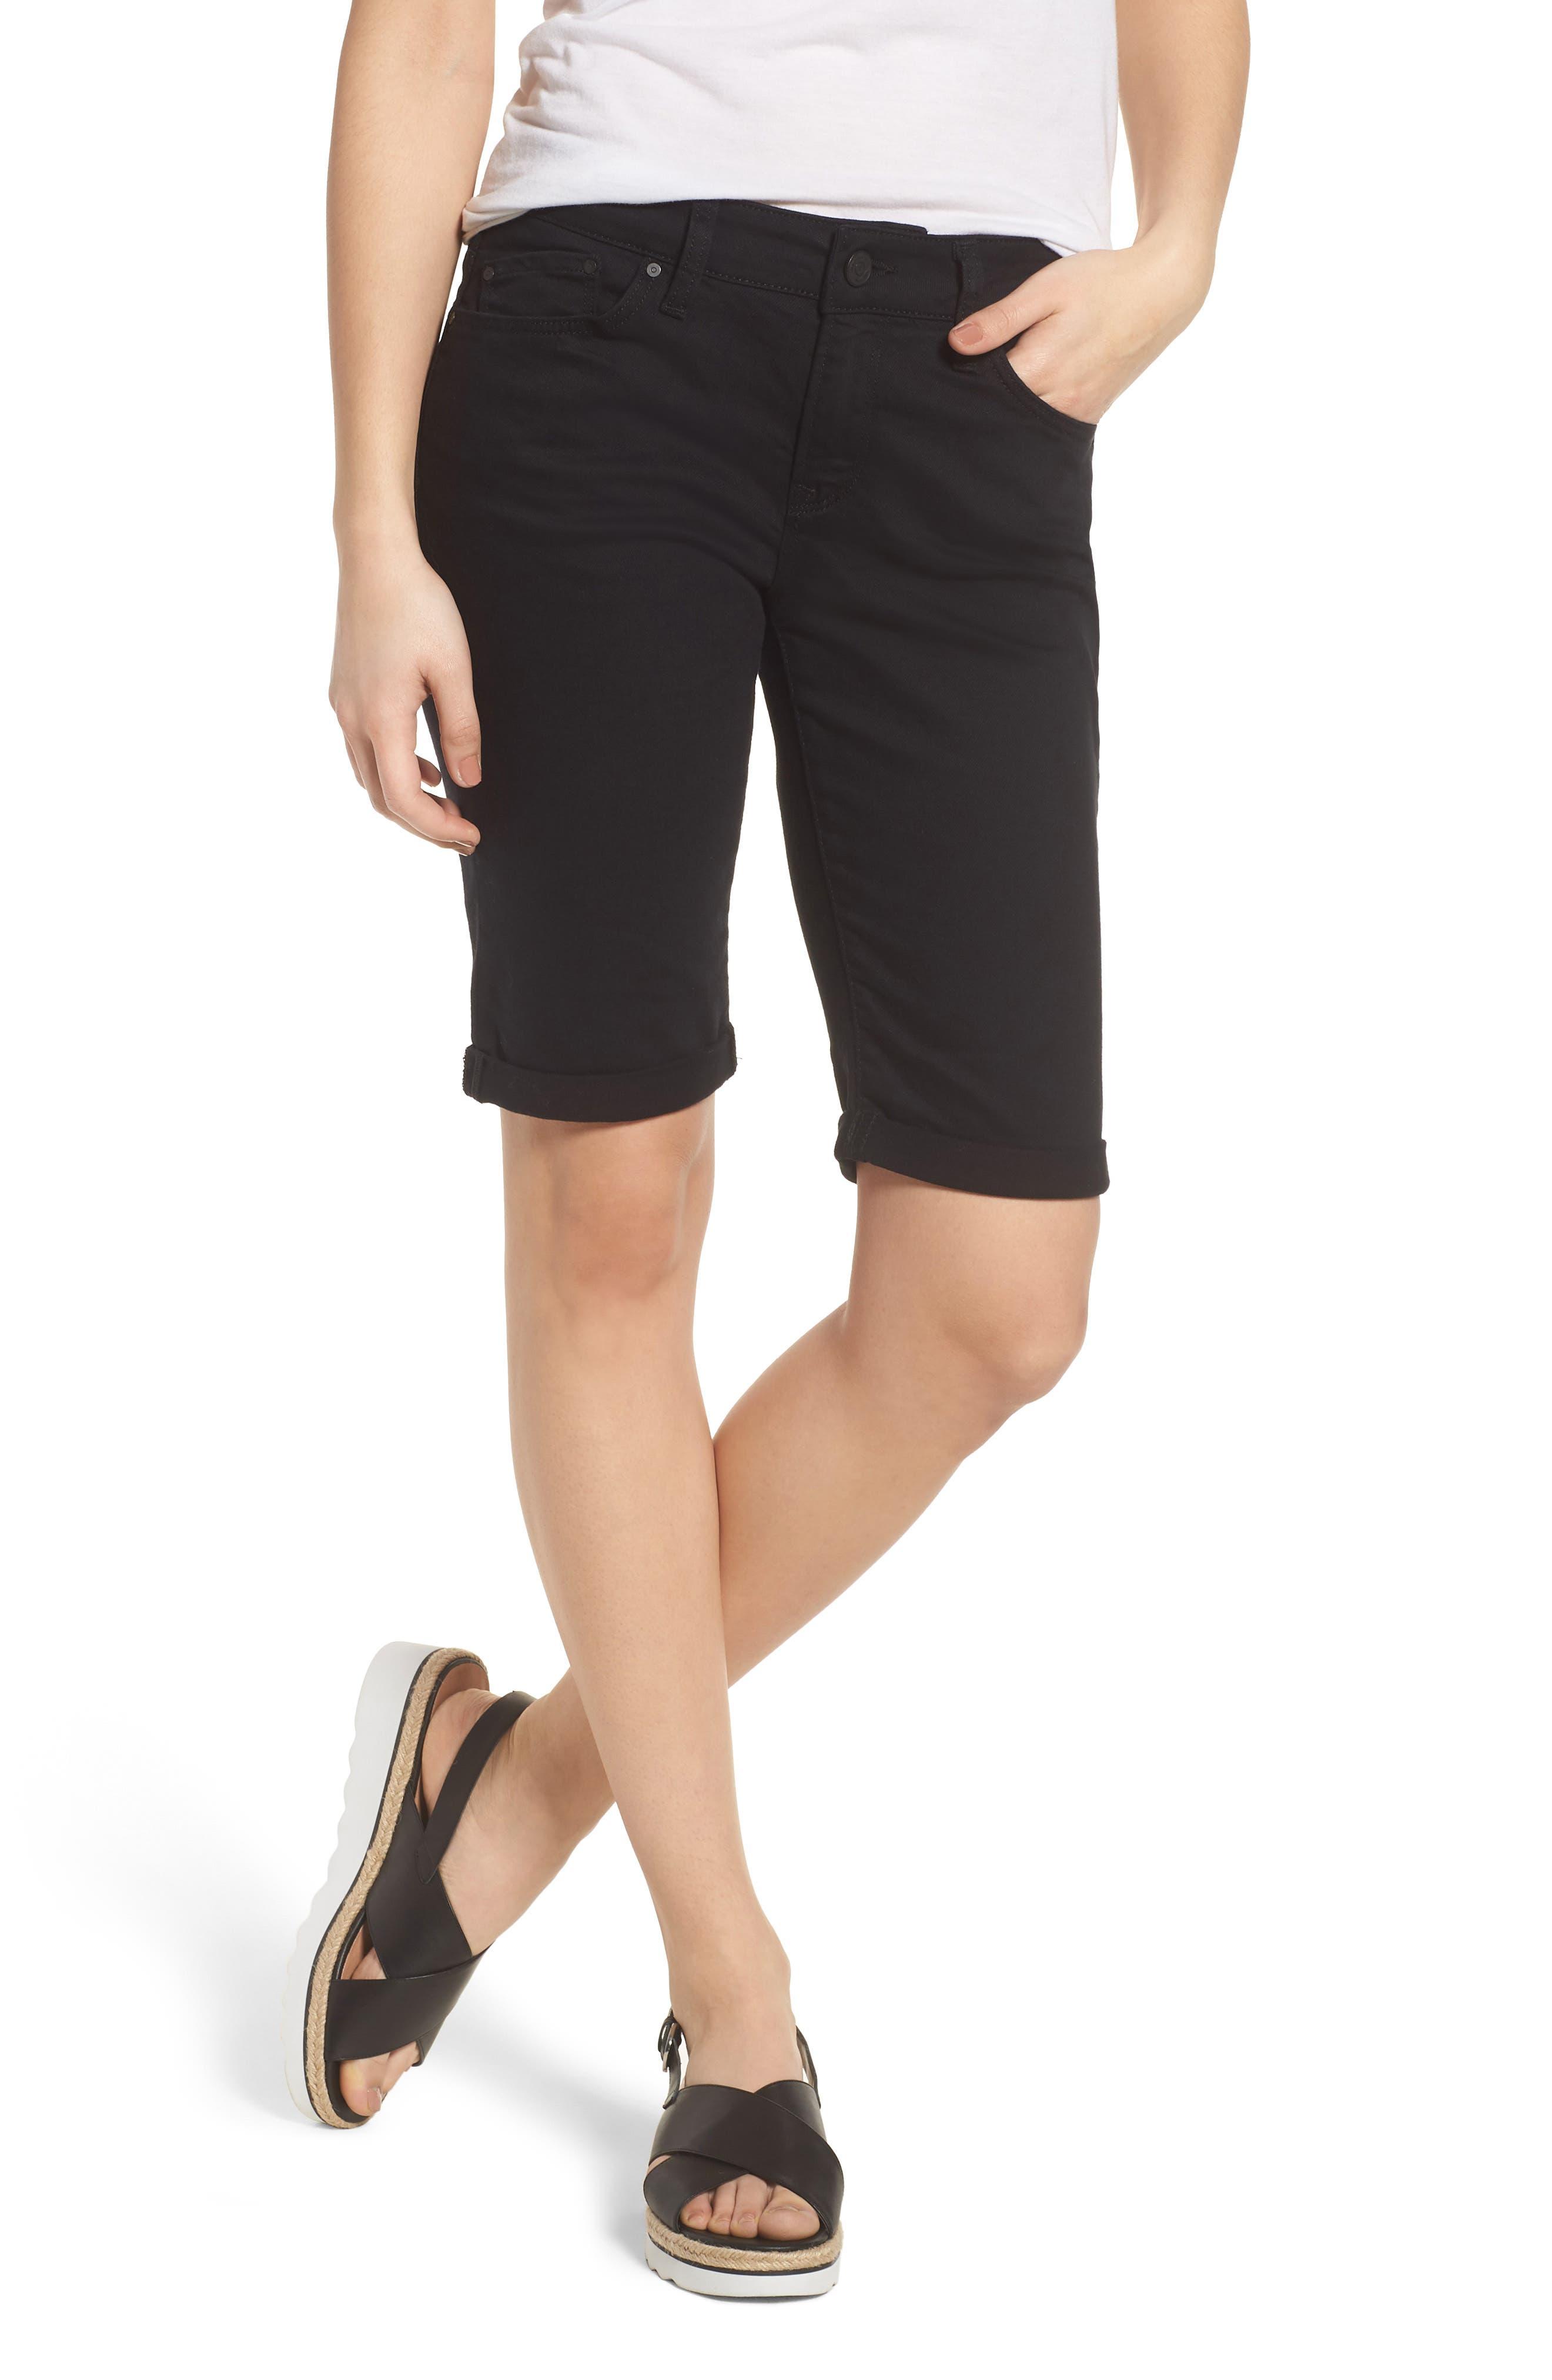 Karly Black Nolita Roll Cuff Bermuda Shorts,                             Main thumbnail 1, color,